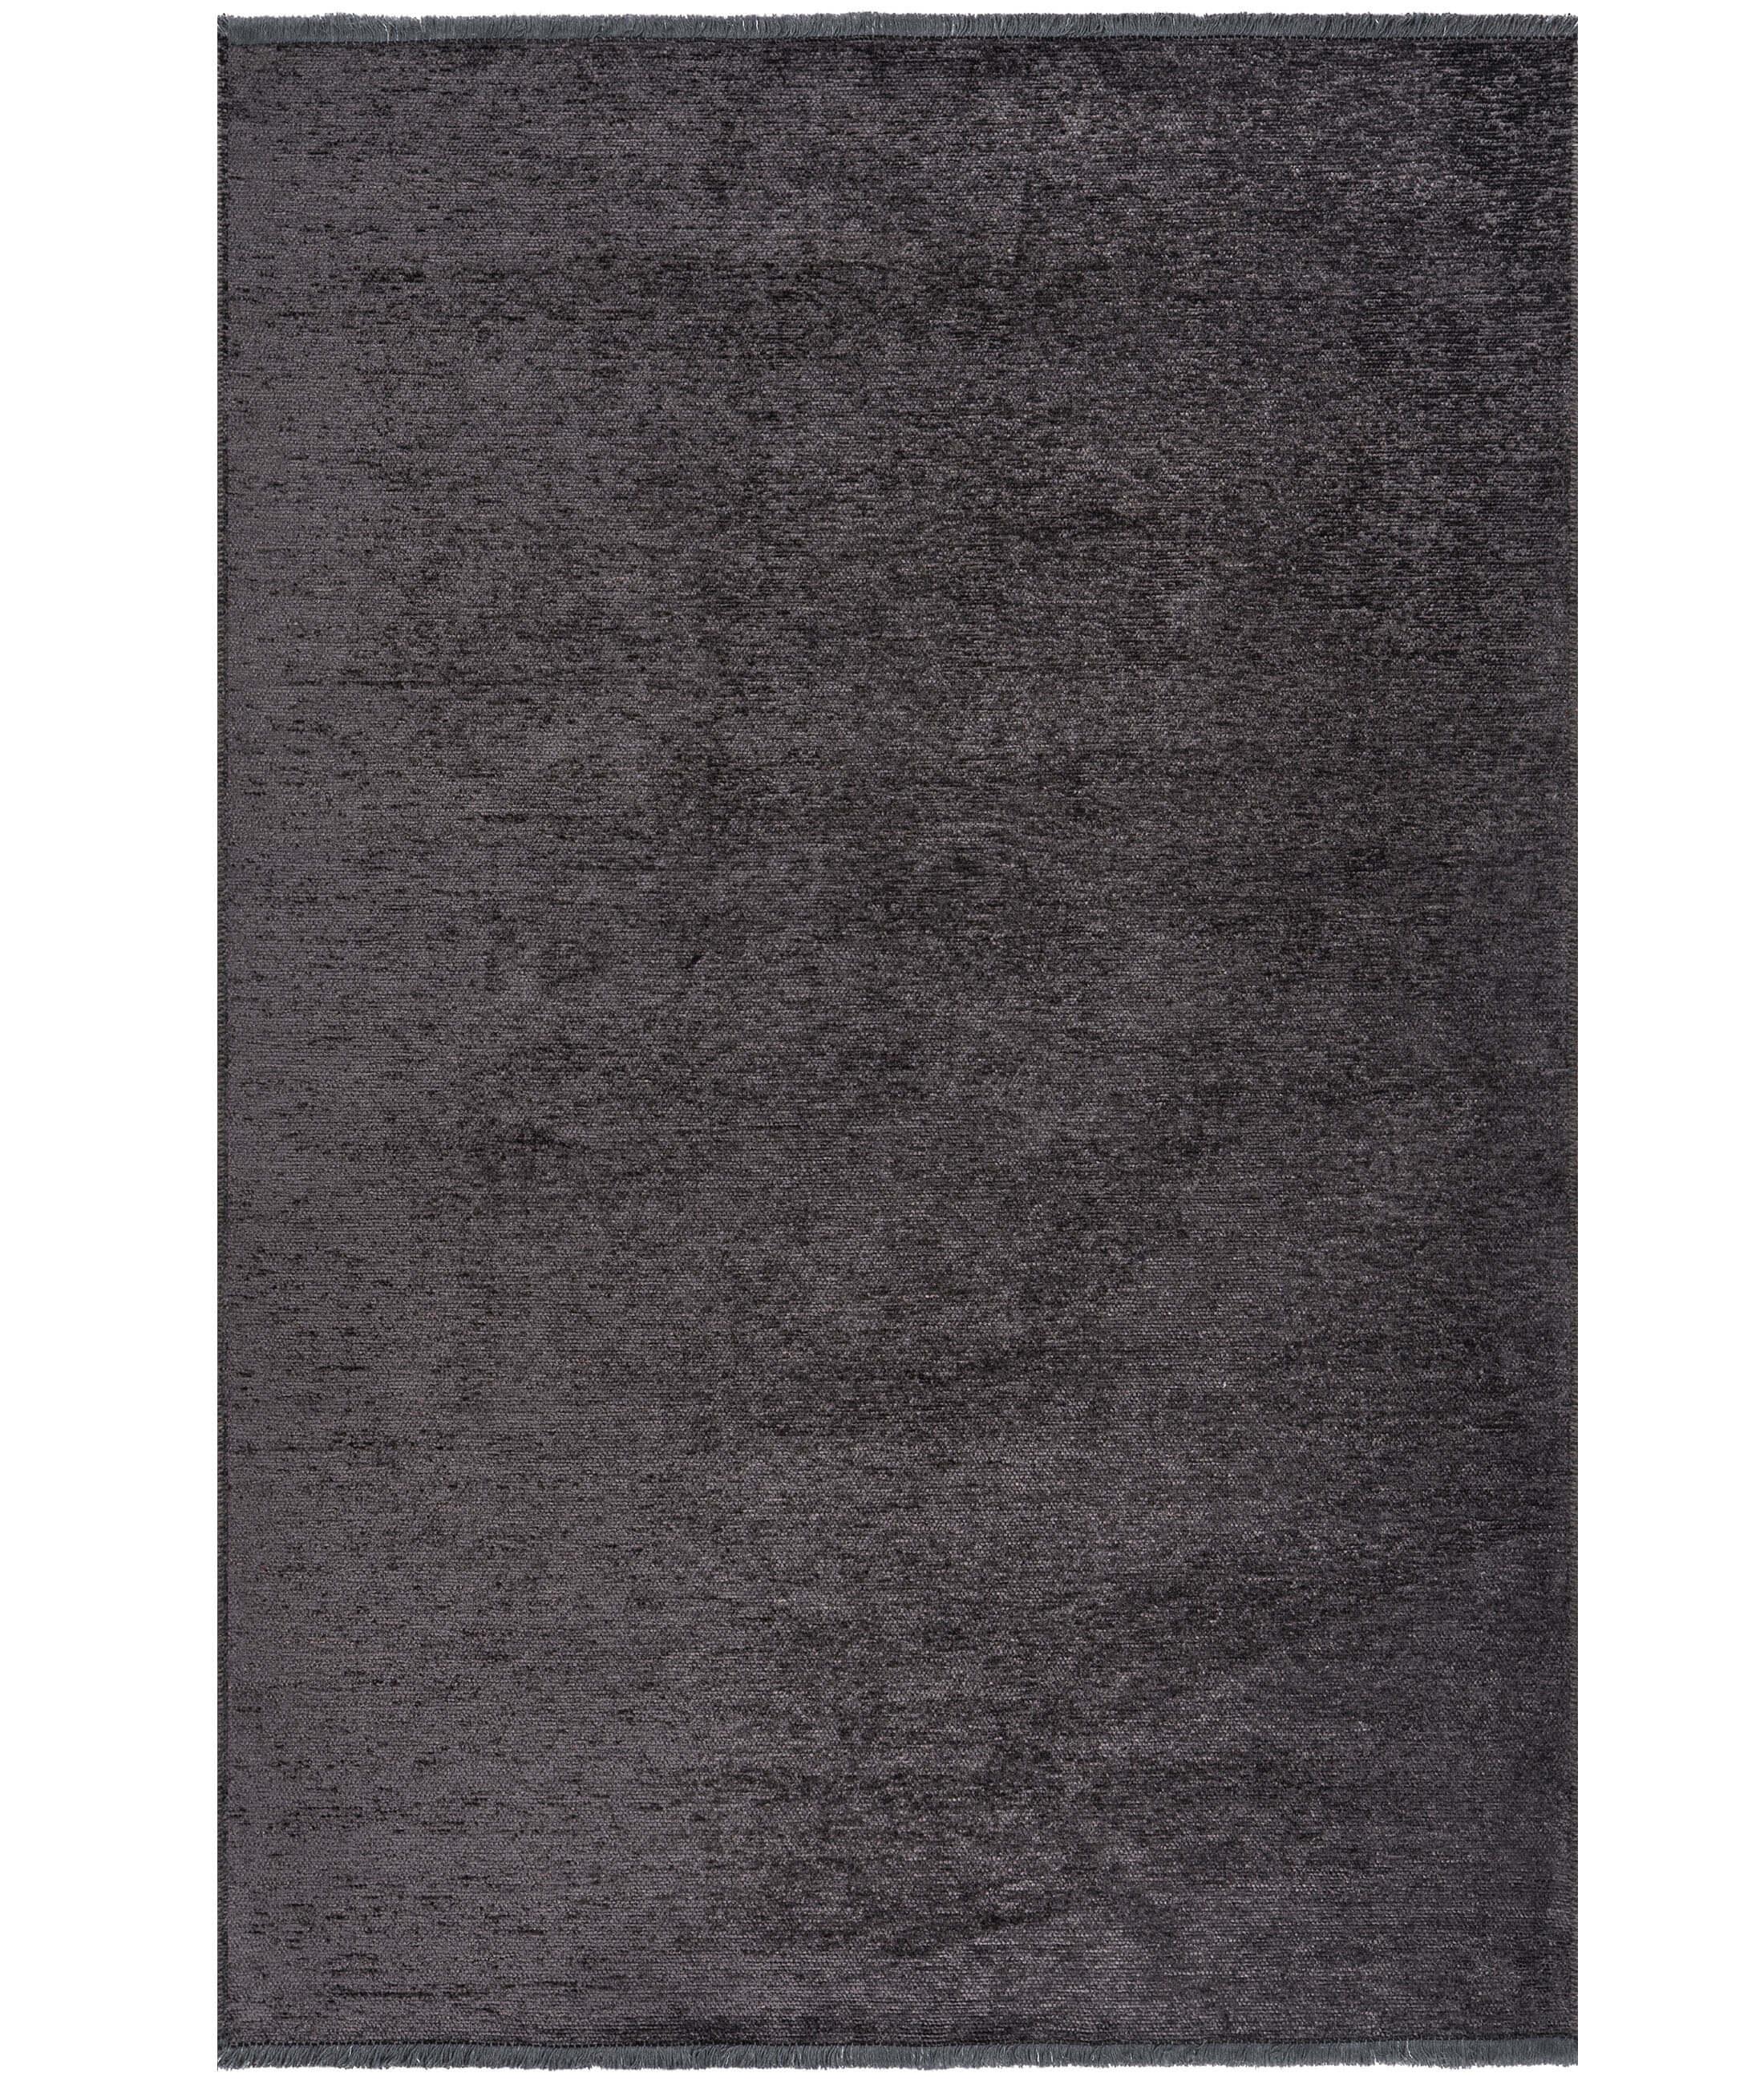 Toscana Anthracite Carpet 24021A